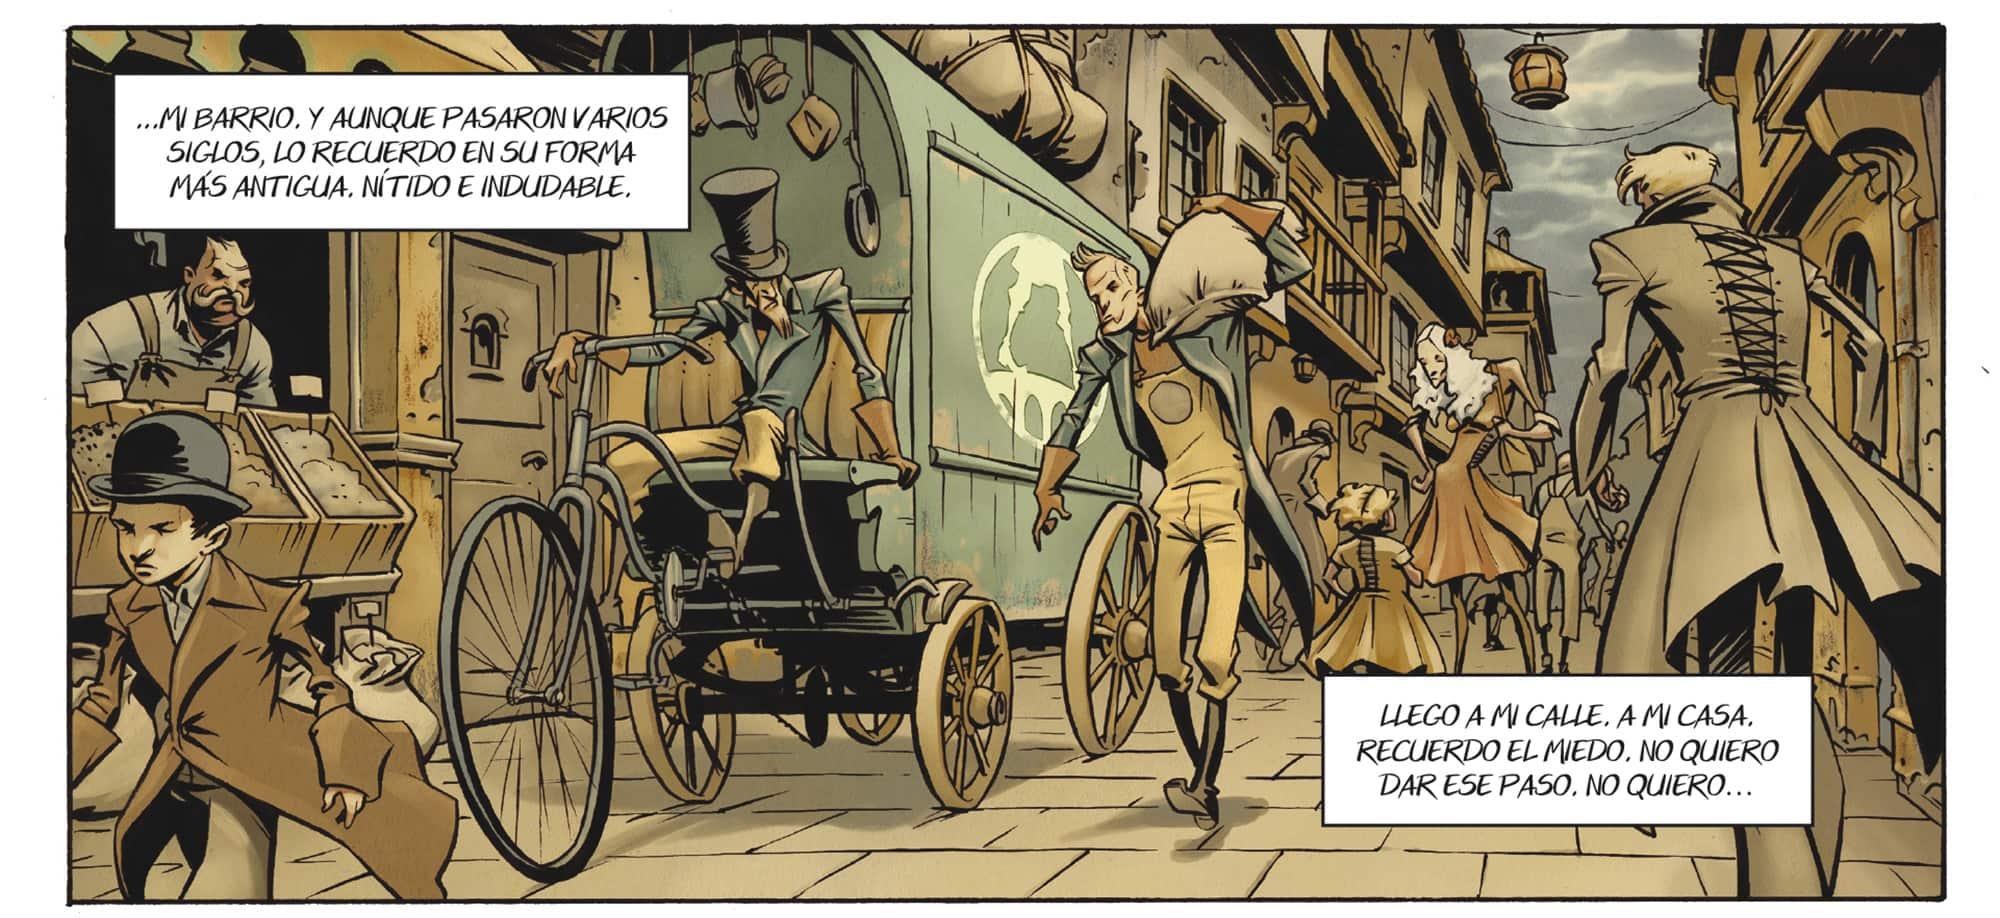 Cieloalto es un cómic con un pequeño toque steampunk